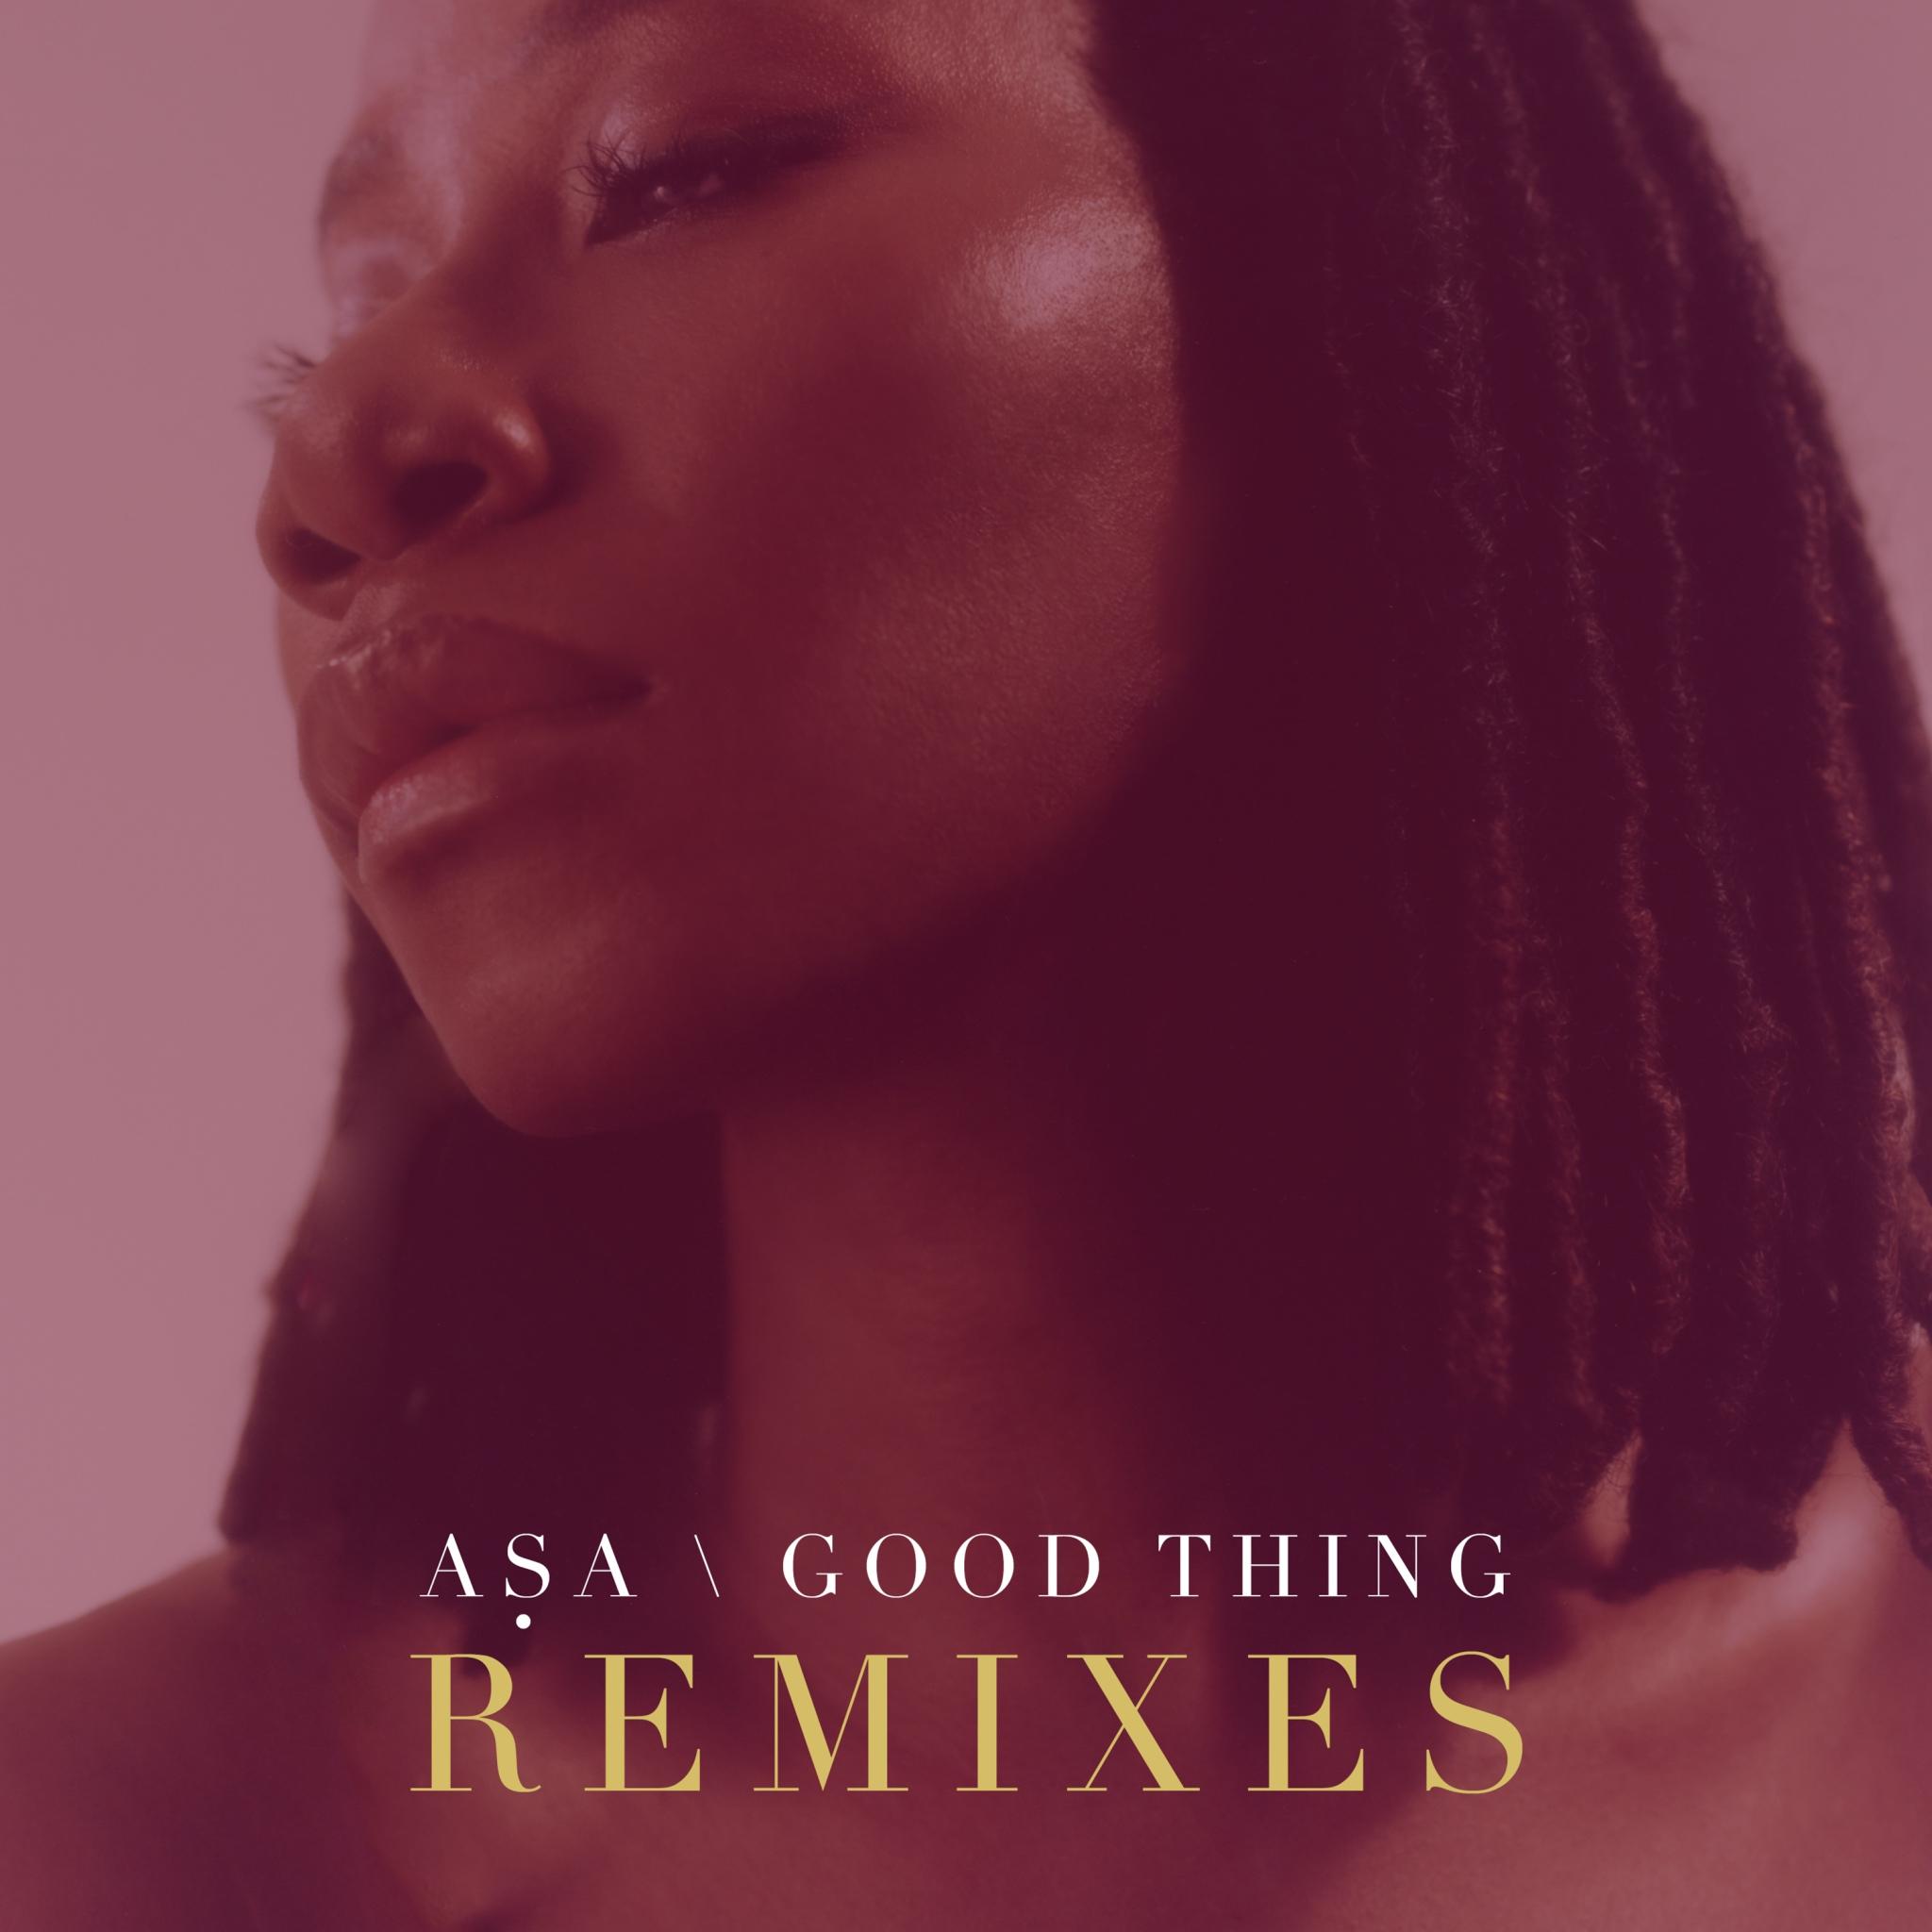 SHA-2860 Asa--Good Thing Remixes.jpg